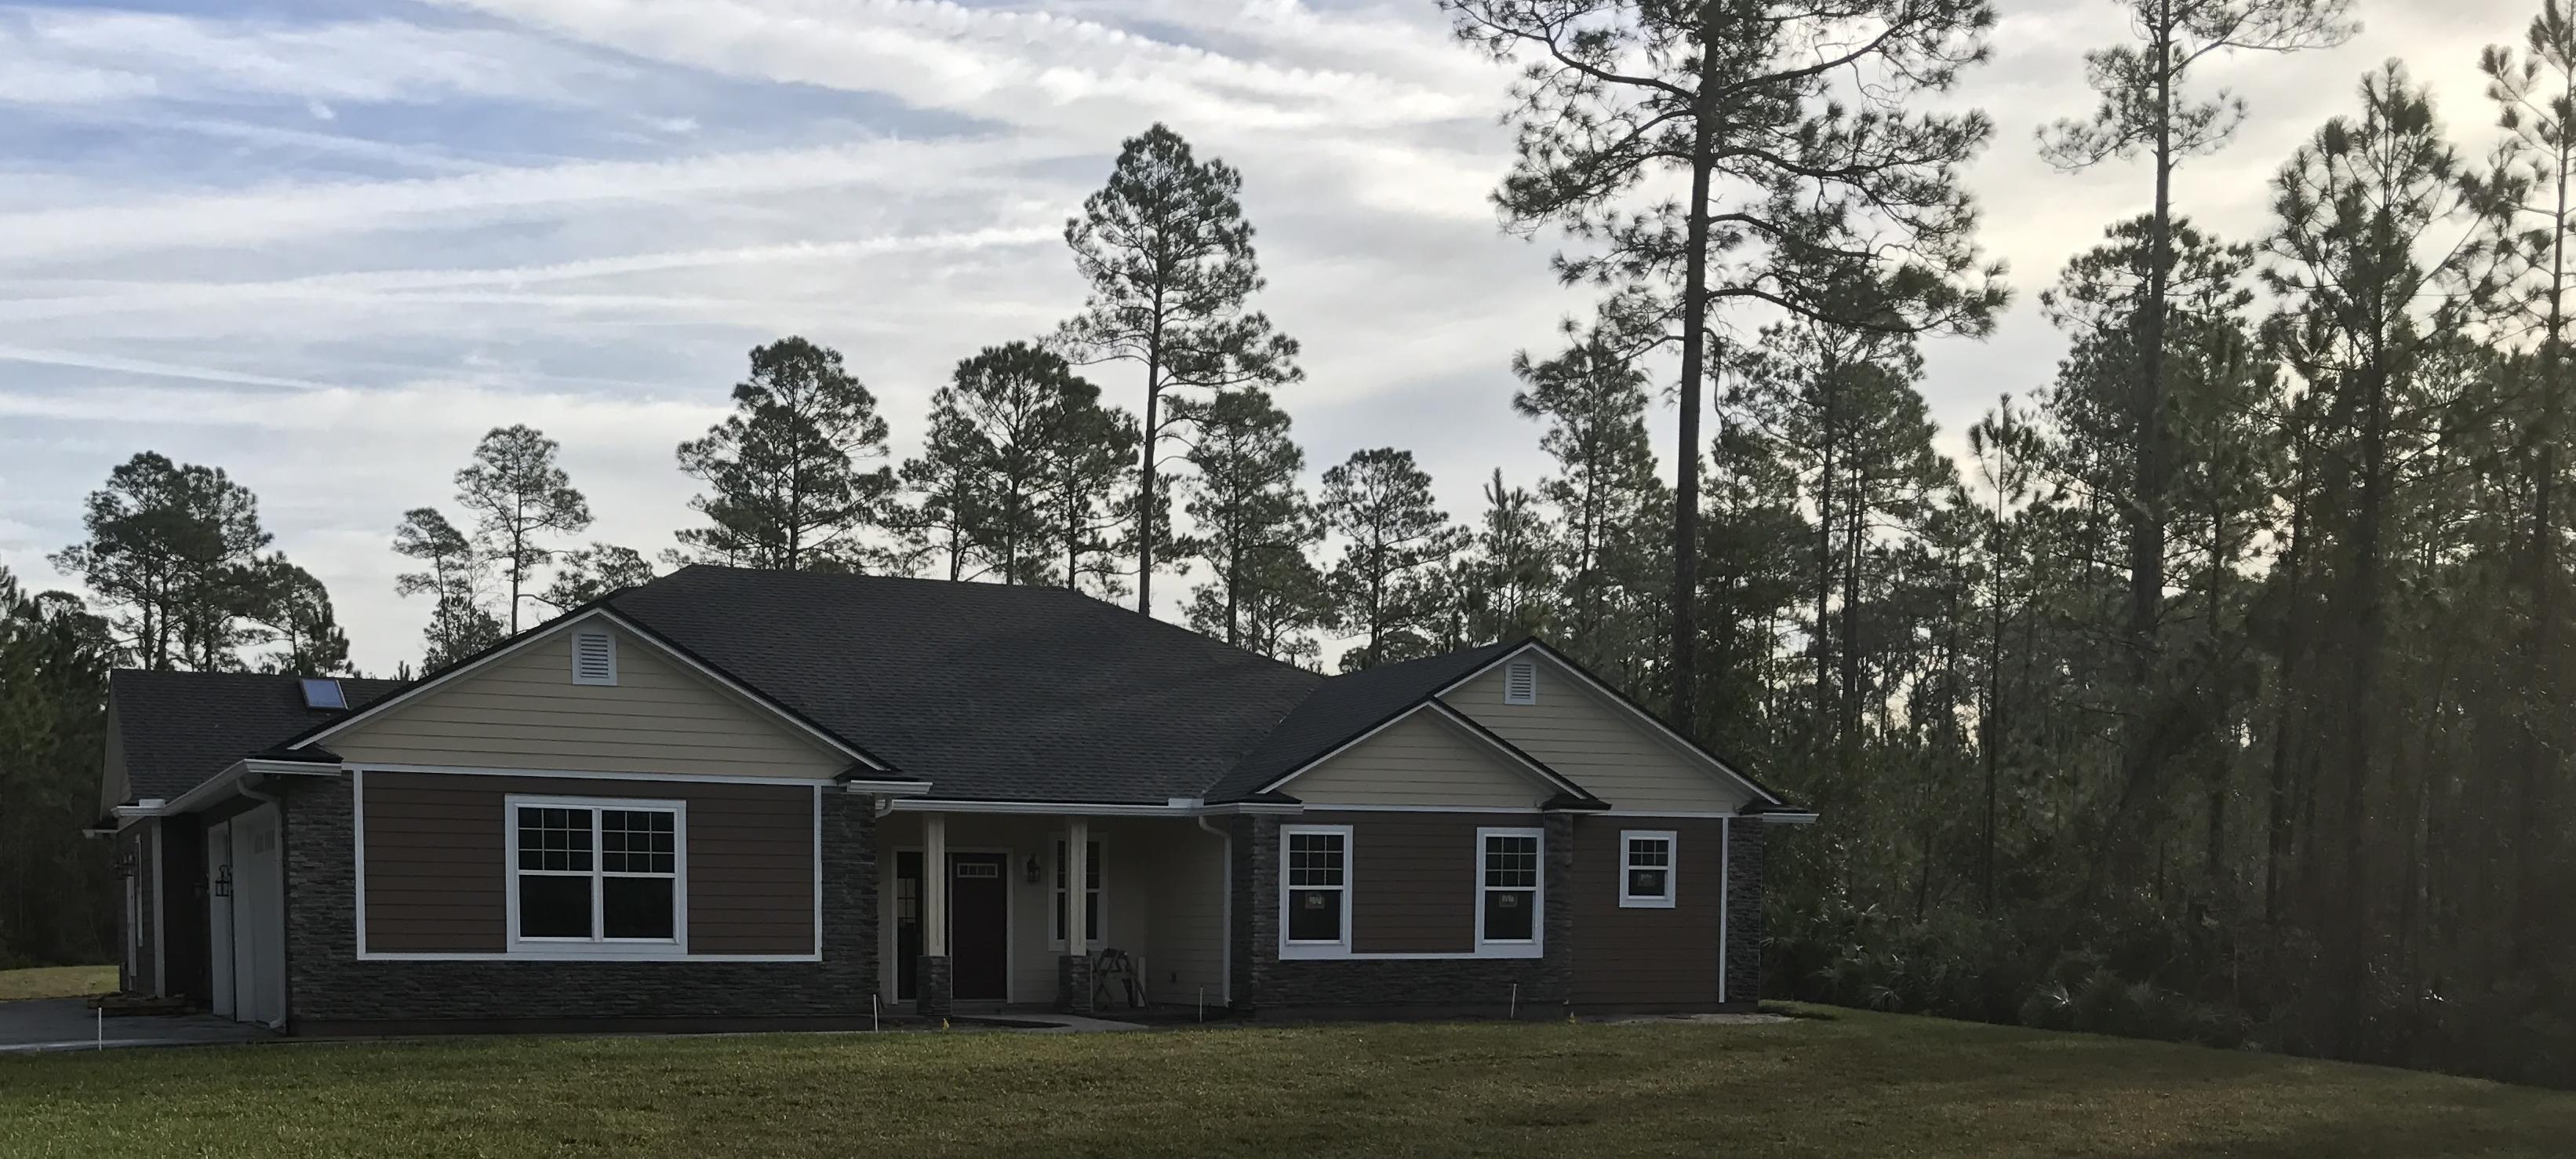 Home Remodeling Jacksonville | Kitchen & Bathroom ...